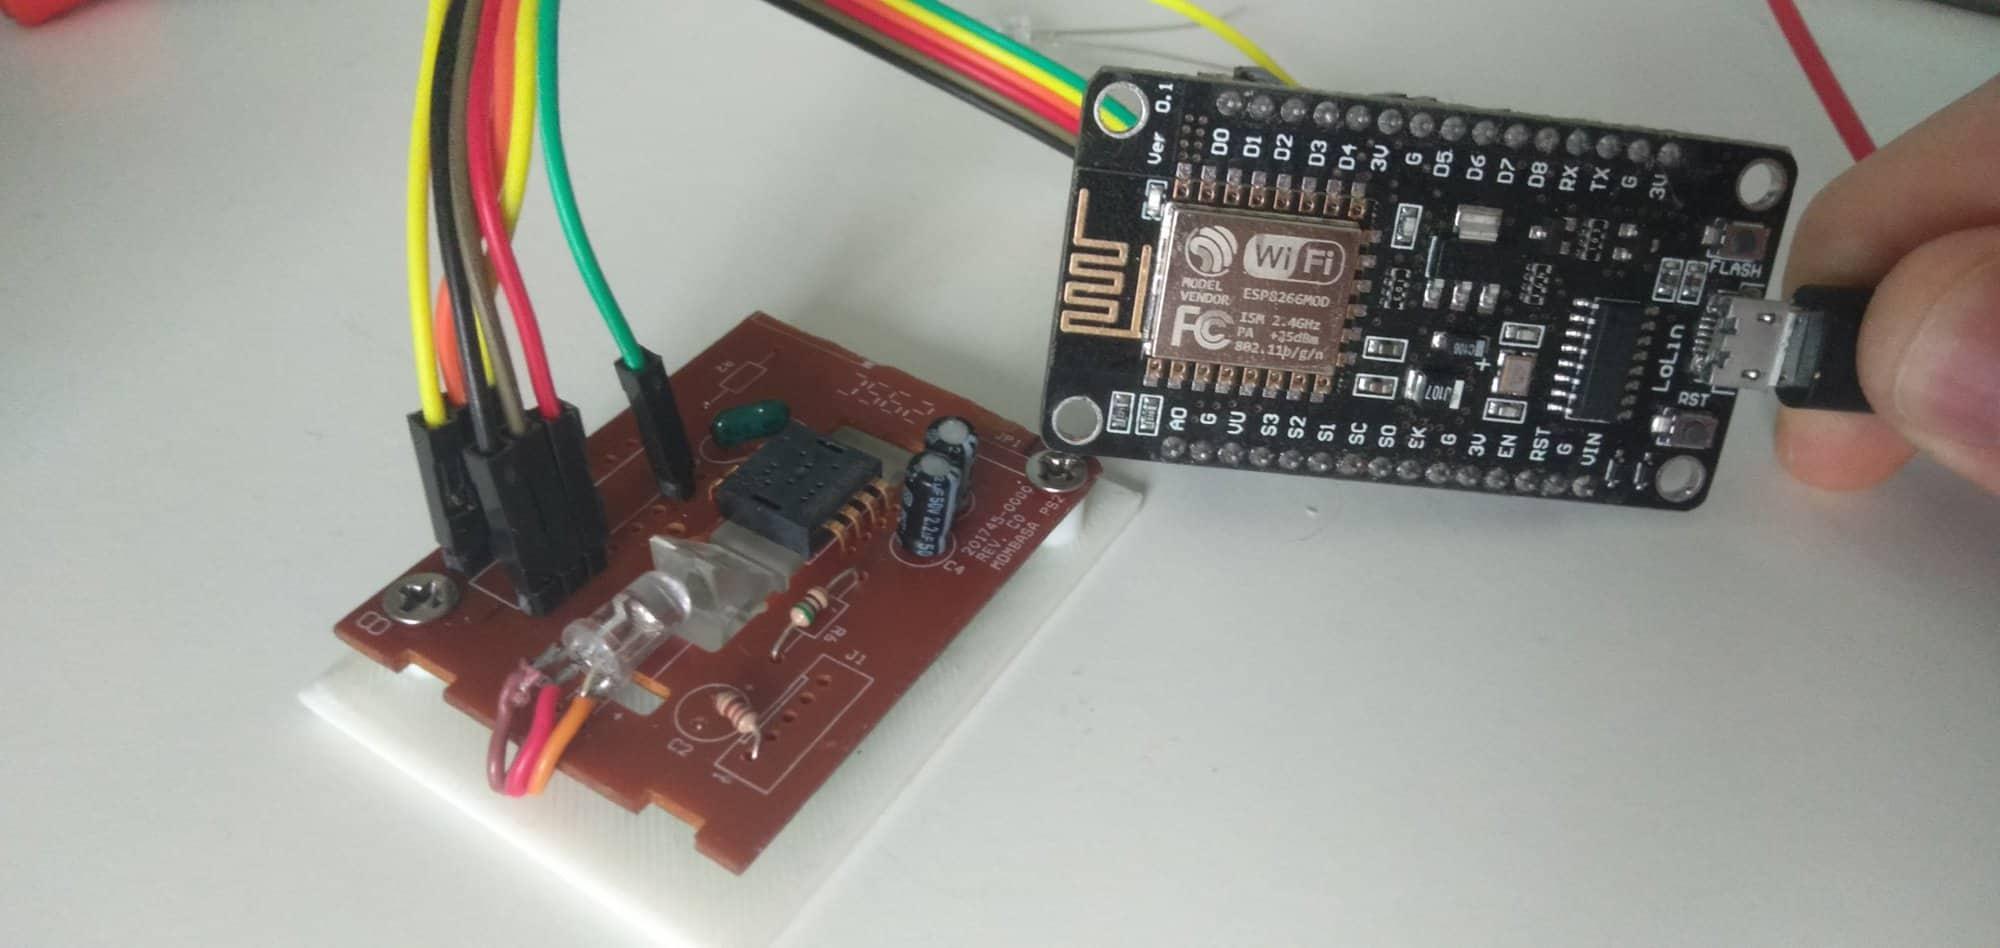 ADNS2610 z Arduino, czyli moduł kamery, czujnika kolorów, czujnika przemieszczenia w jednym